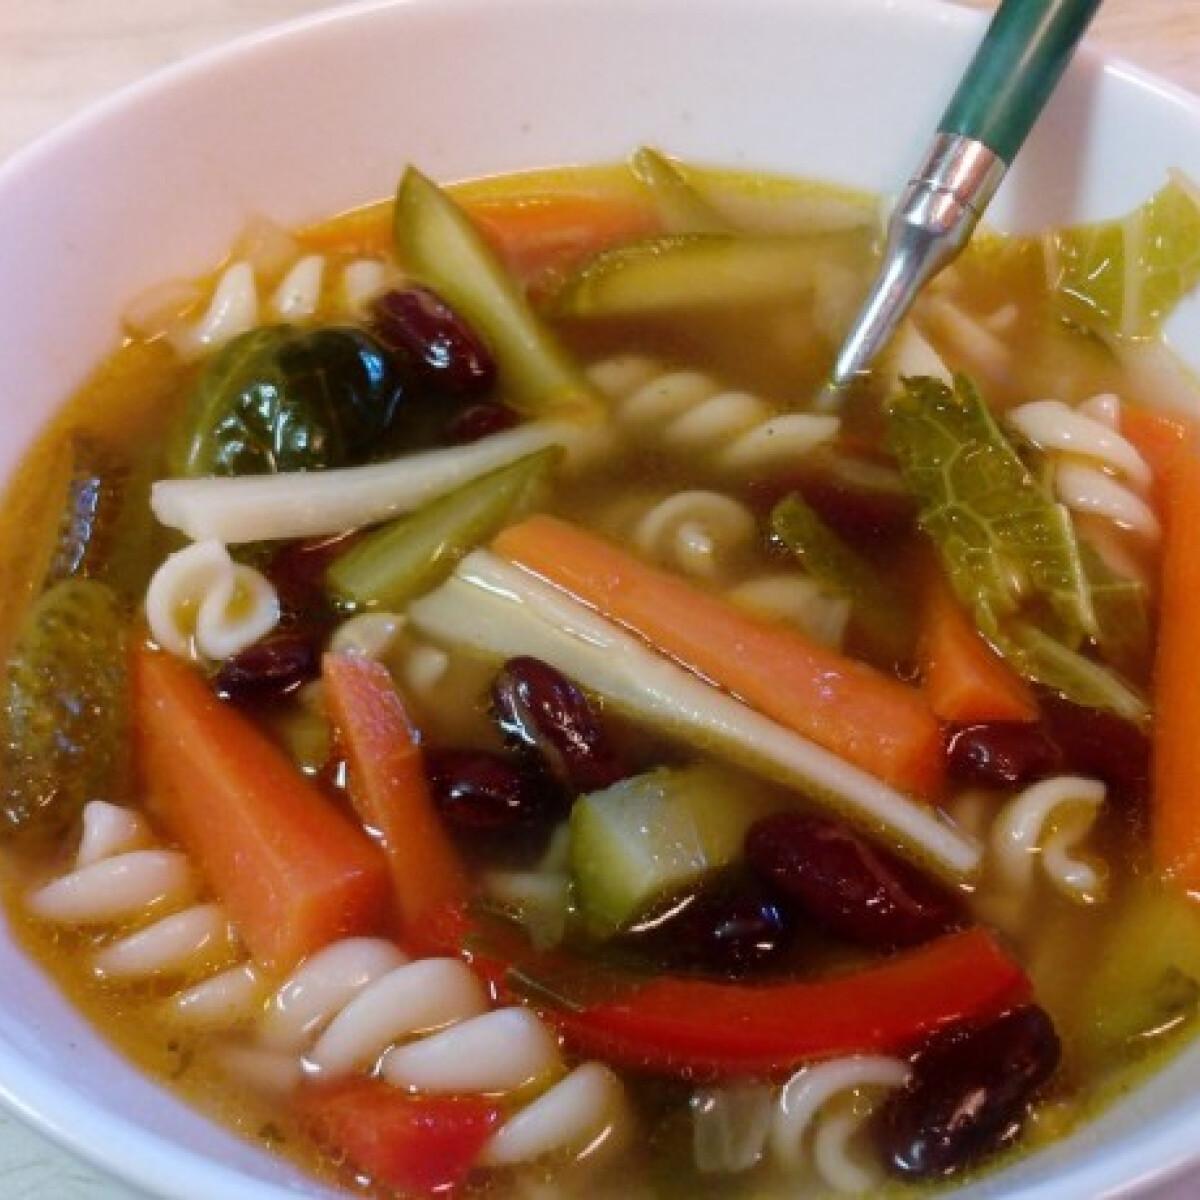 Ezen a képen: Minestrone leves savanykásan